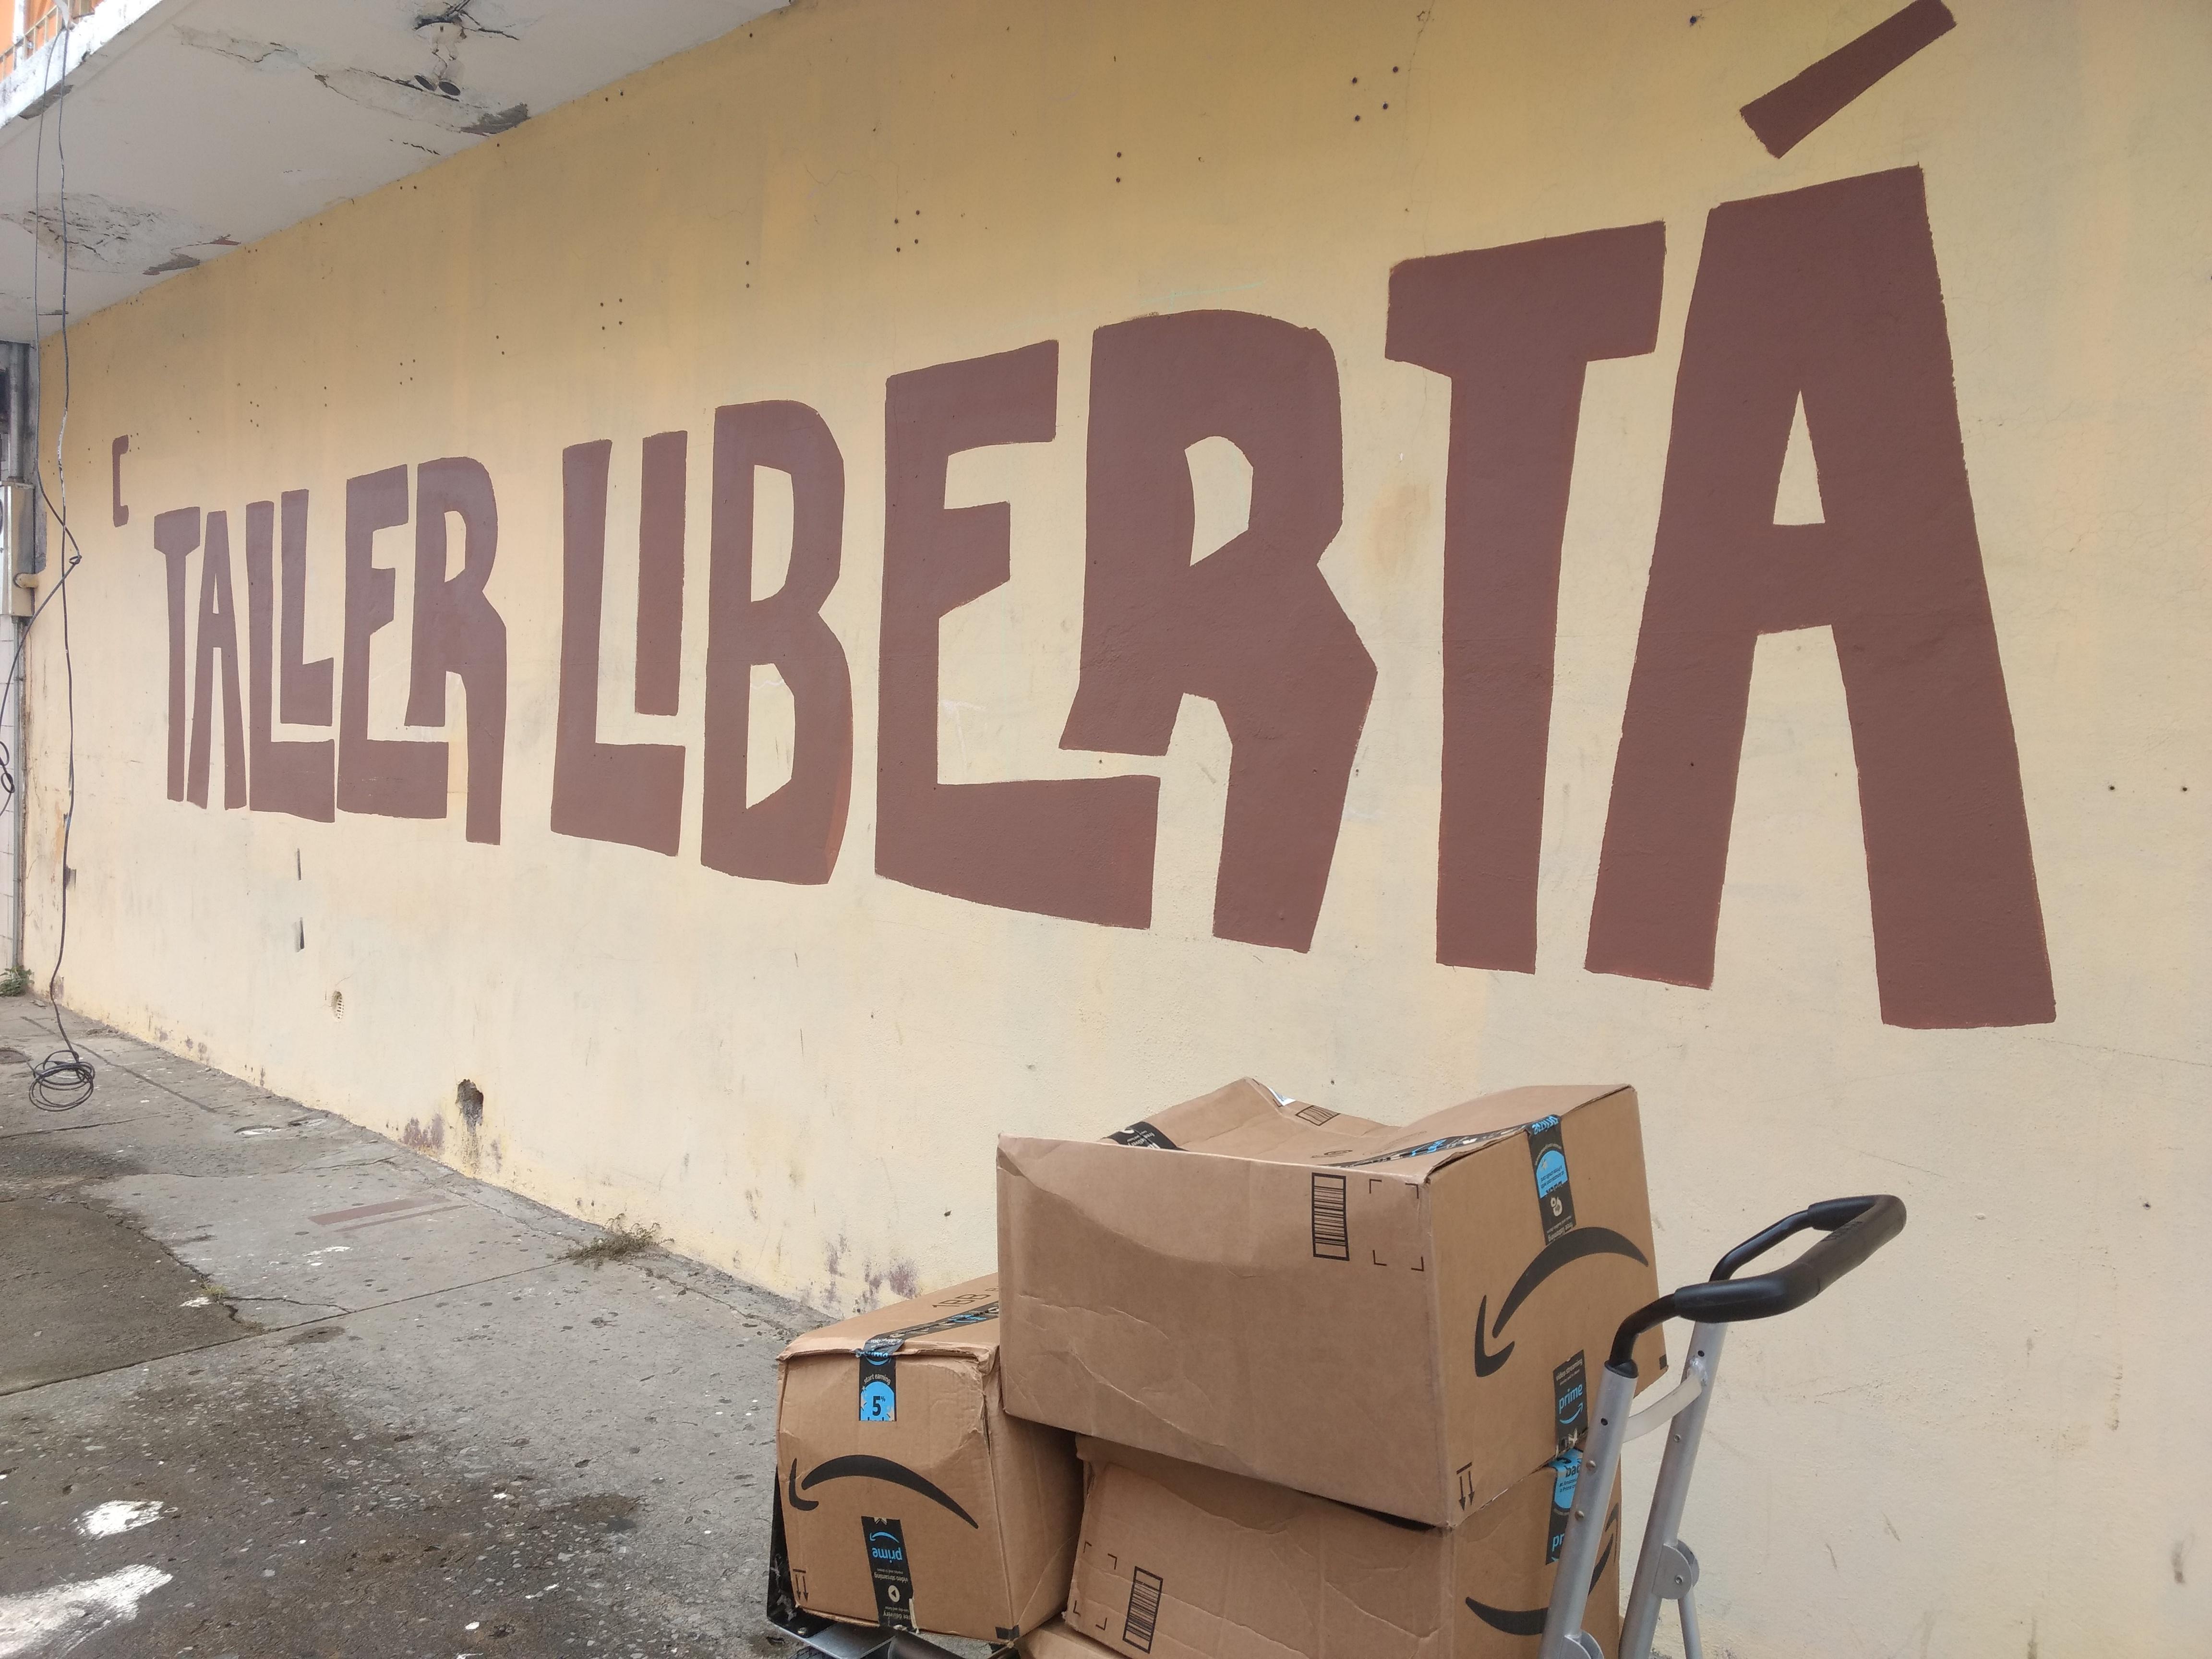 Puerto Rico todavía necesita tu ayuda